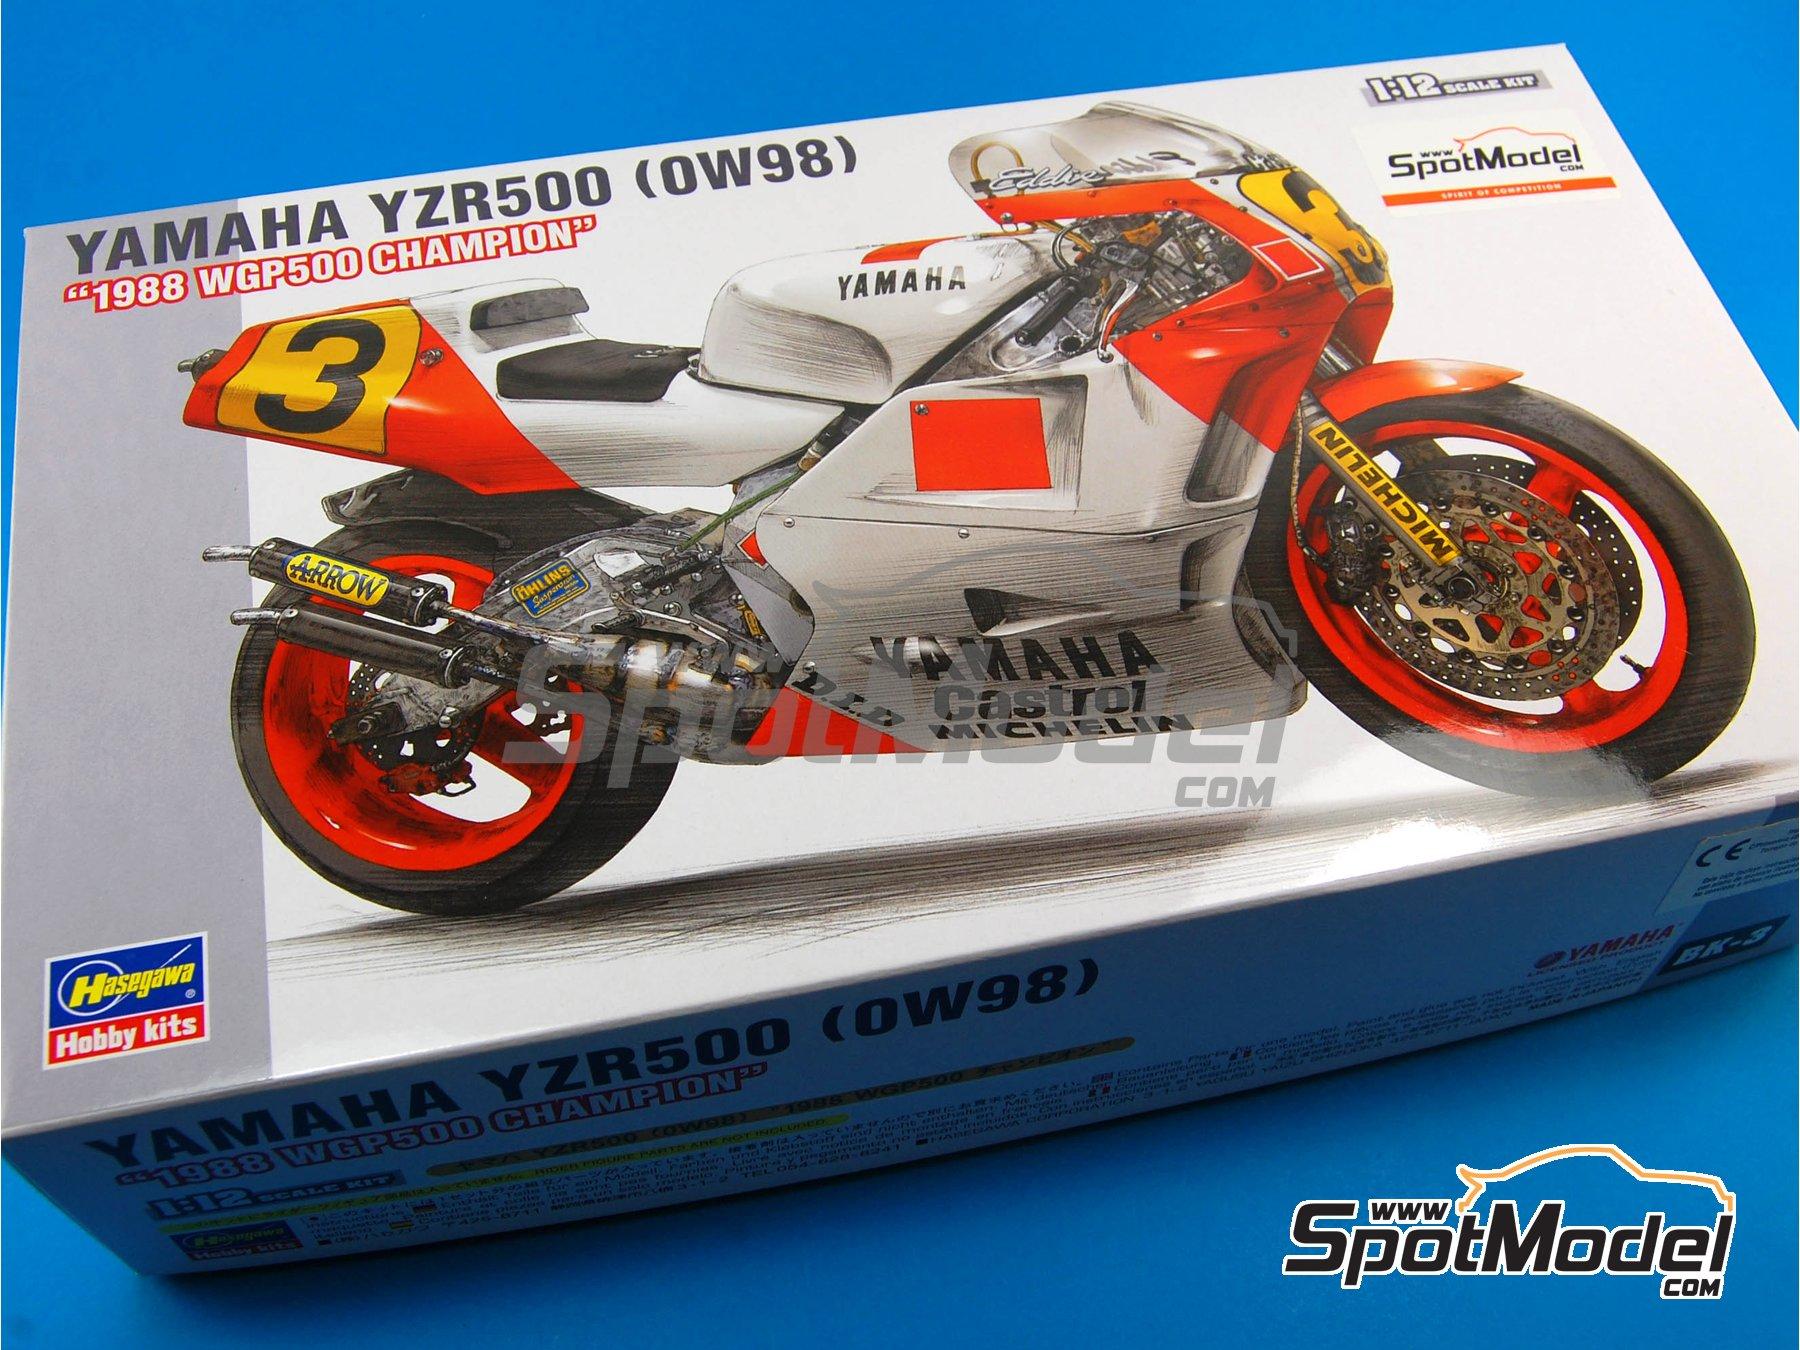 Image 1: Yamaha YZR500 OW98 Marlboro - Campeonato del Mundo de Motociclismo 1988 | Maqueta de moto en escala1/12 fabricado por Hasegawa (ref.21503, tambien BK-3)